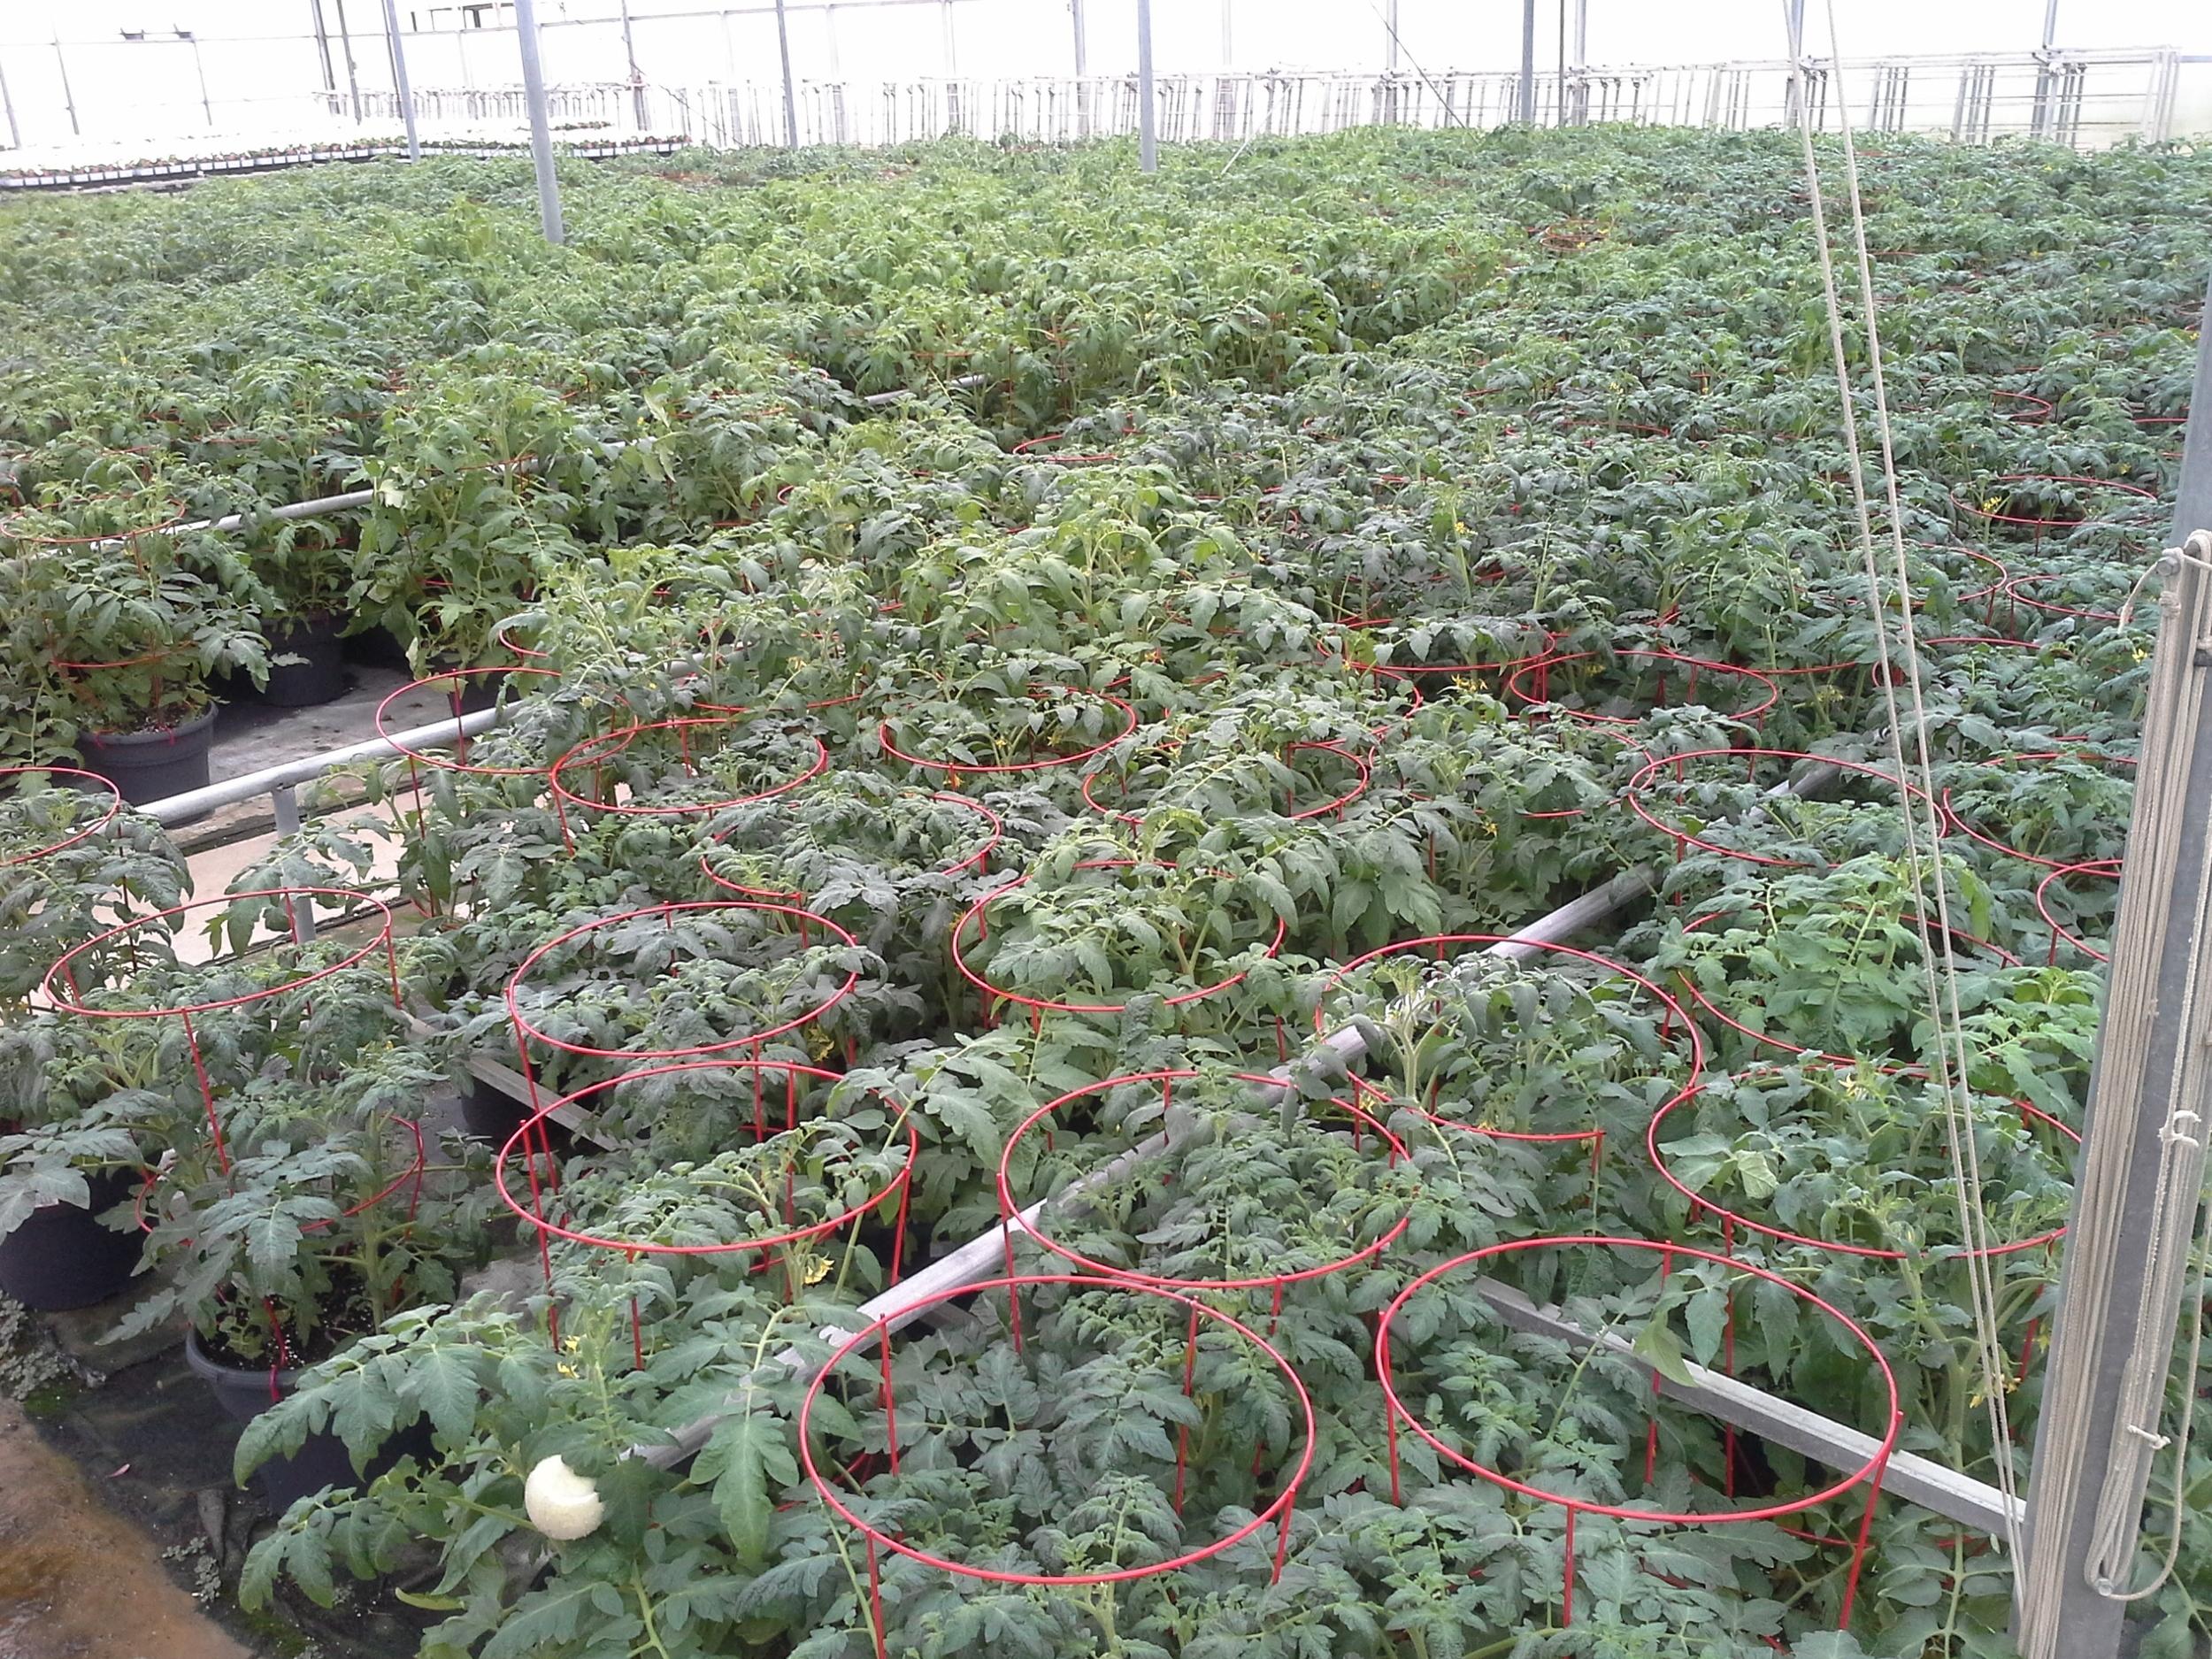 D12 Vegetable w Cage Kens wk 19 (1).jpg